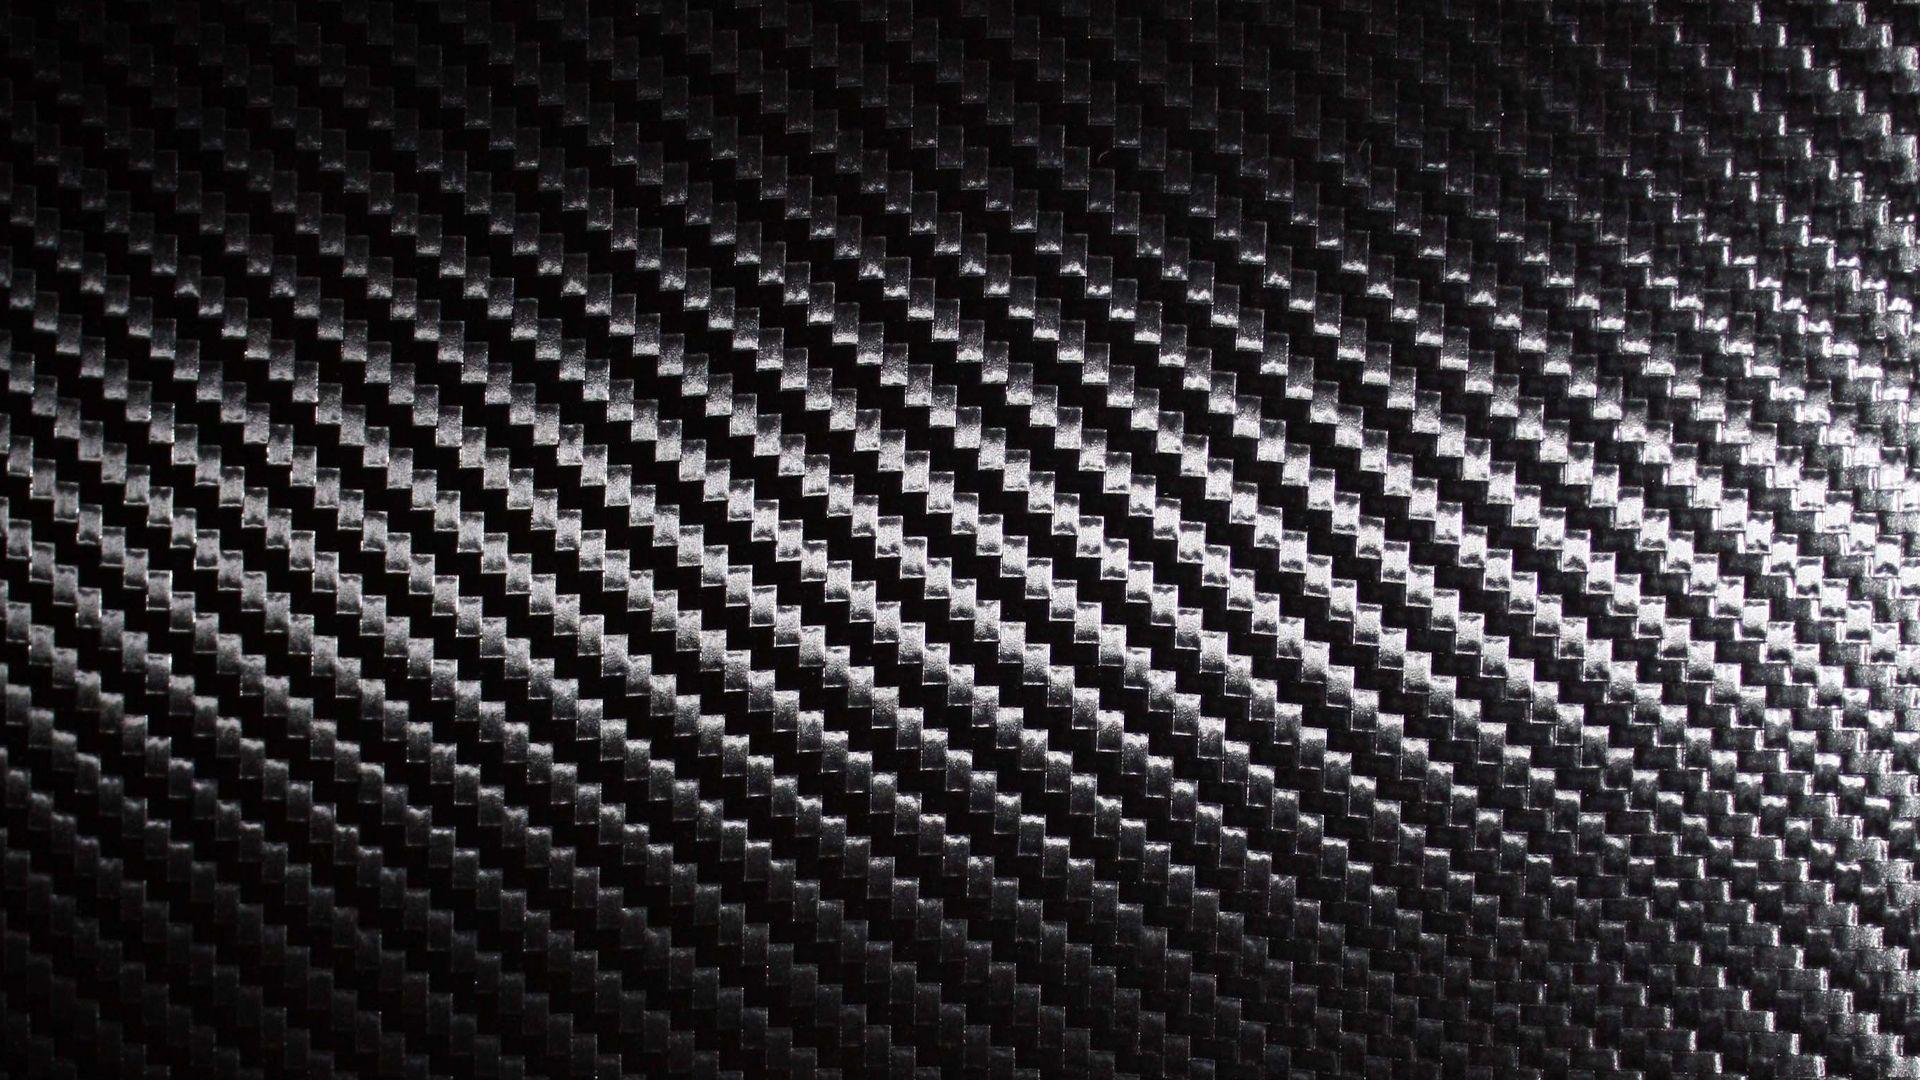 Carbon Fiber HD Wallpapers - Wallpaper Cave